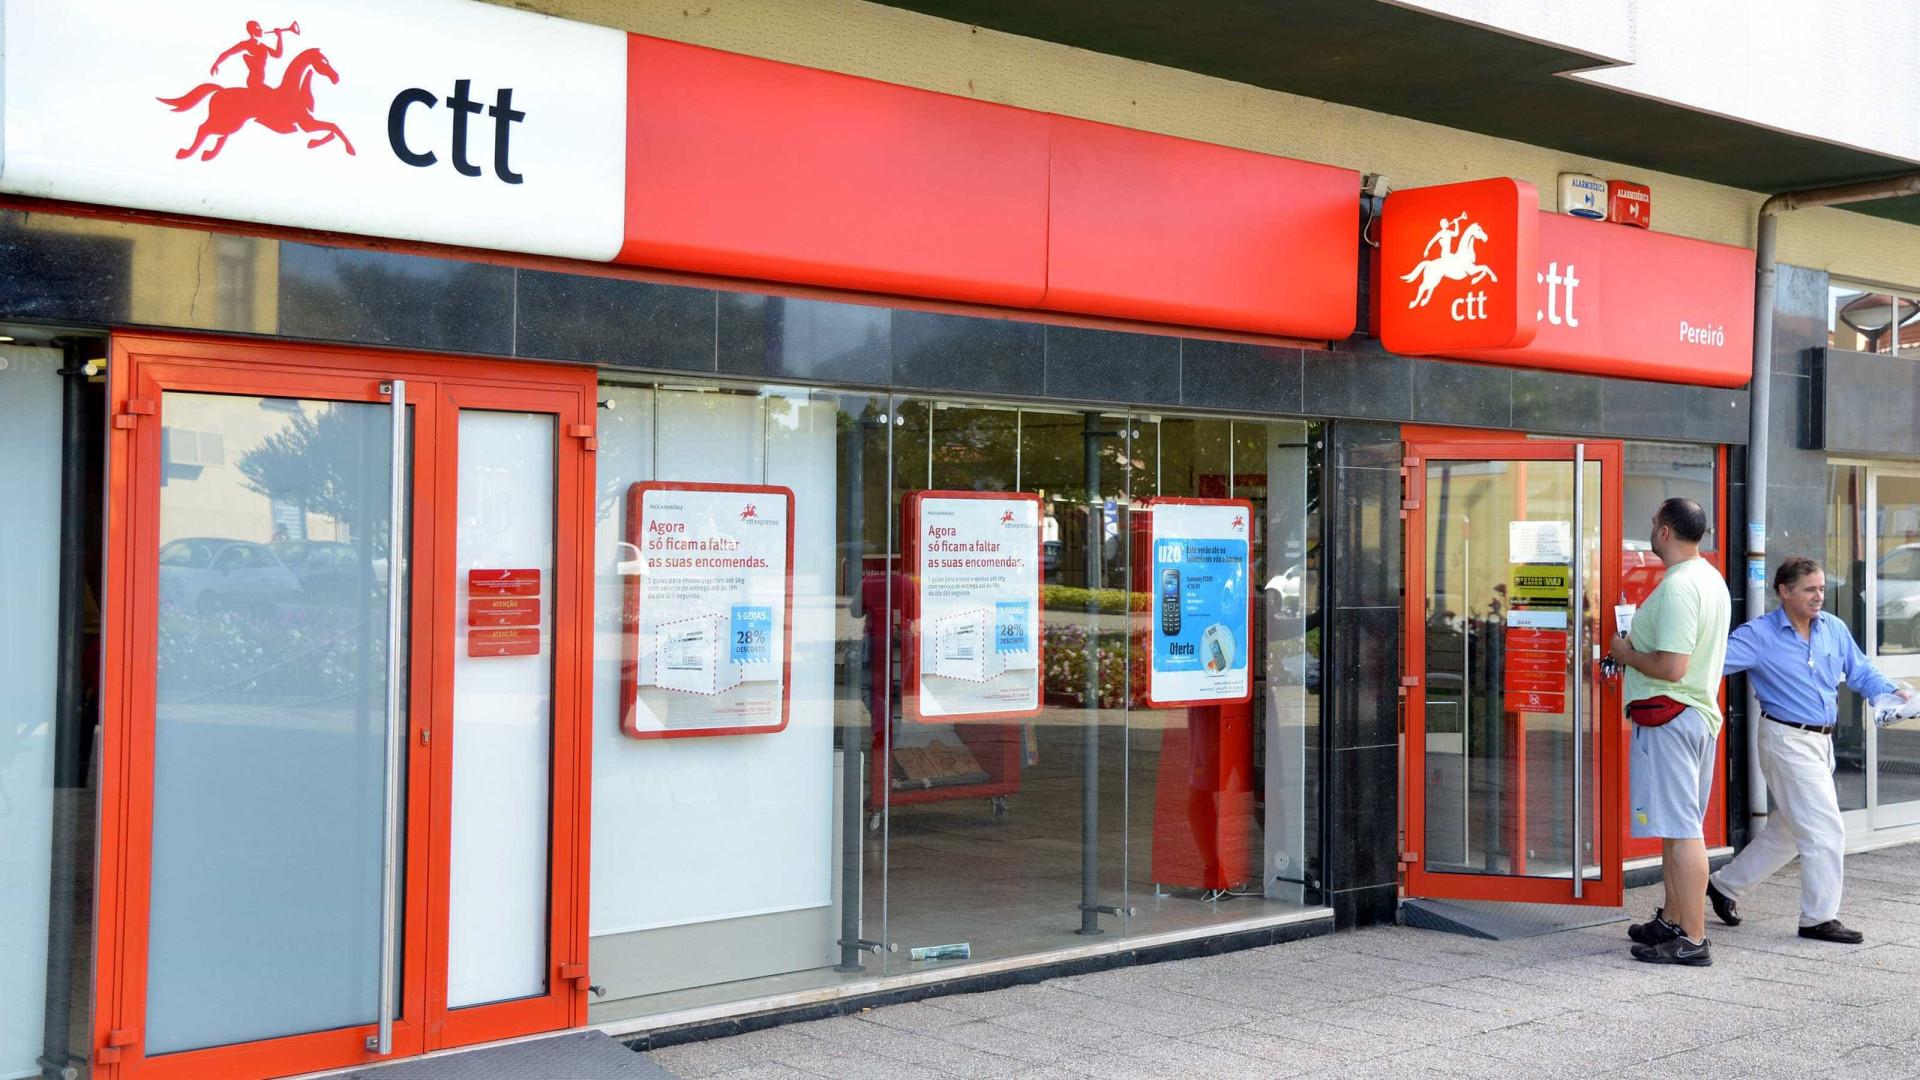 Lucro dos CTT cai 56% para 27,3 milhões de euros em 2017